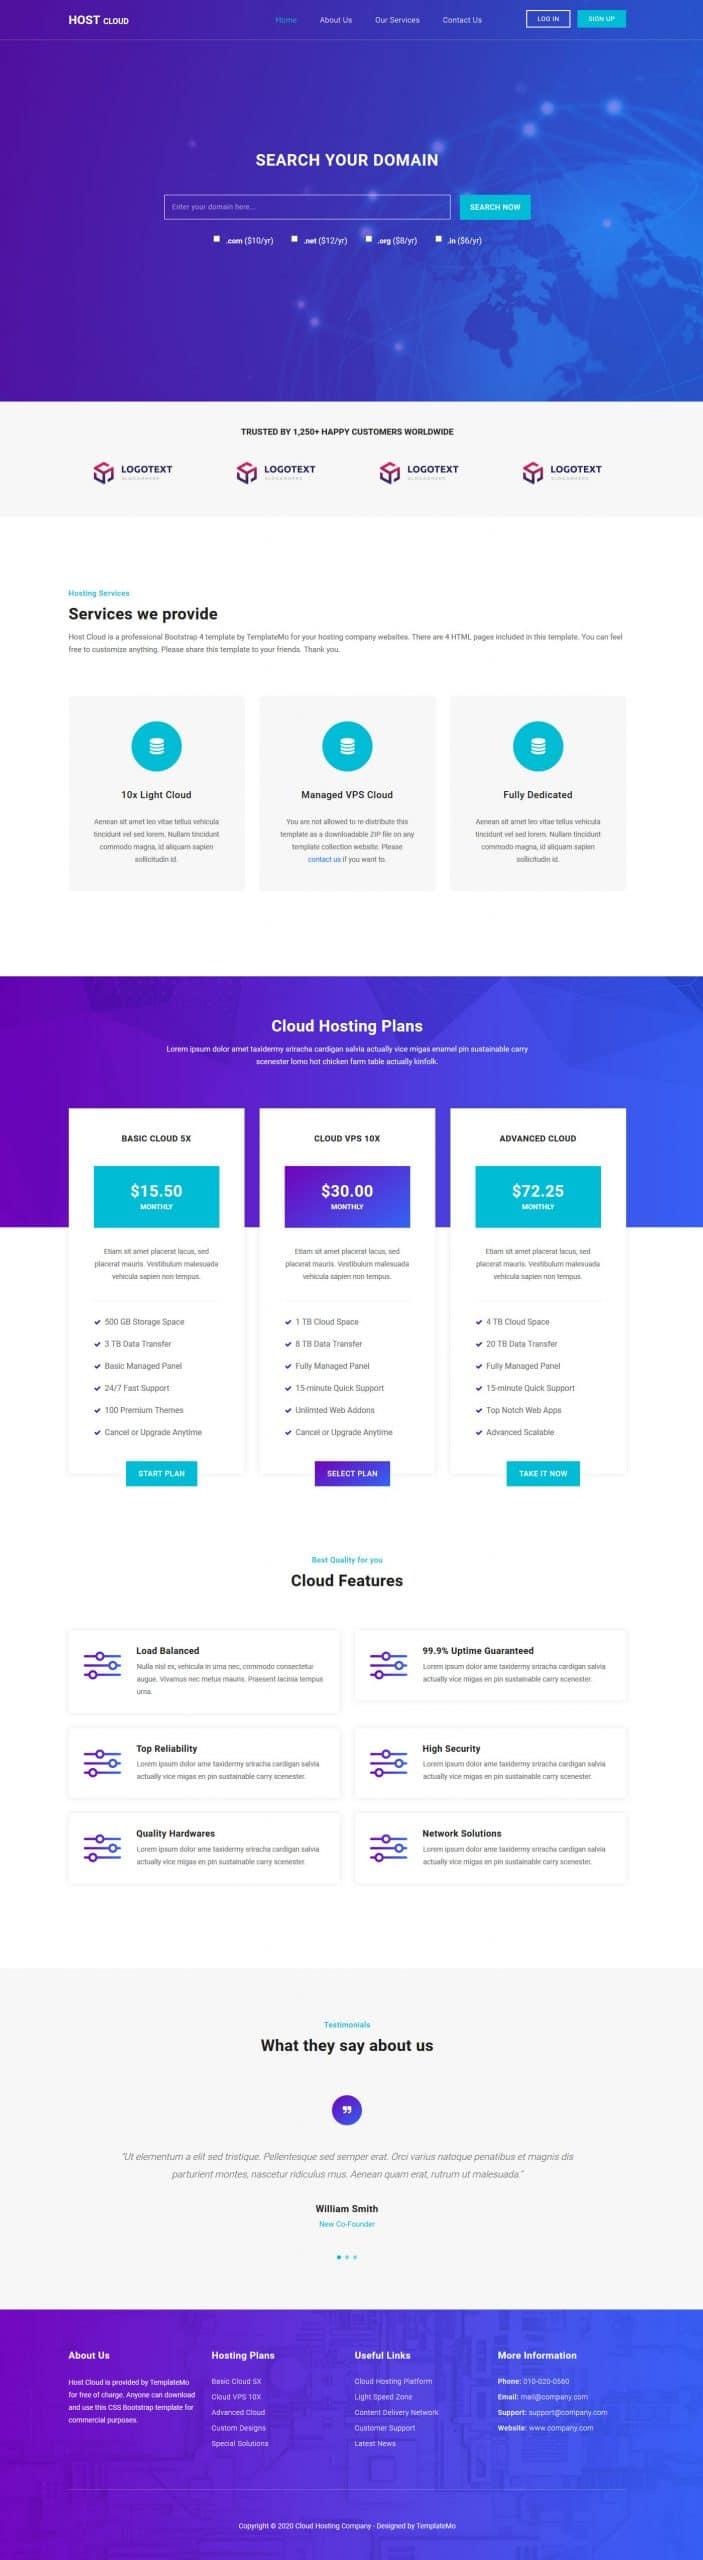 Host Cloud - web hosting company HTML template